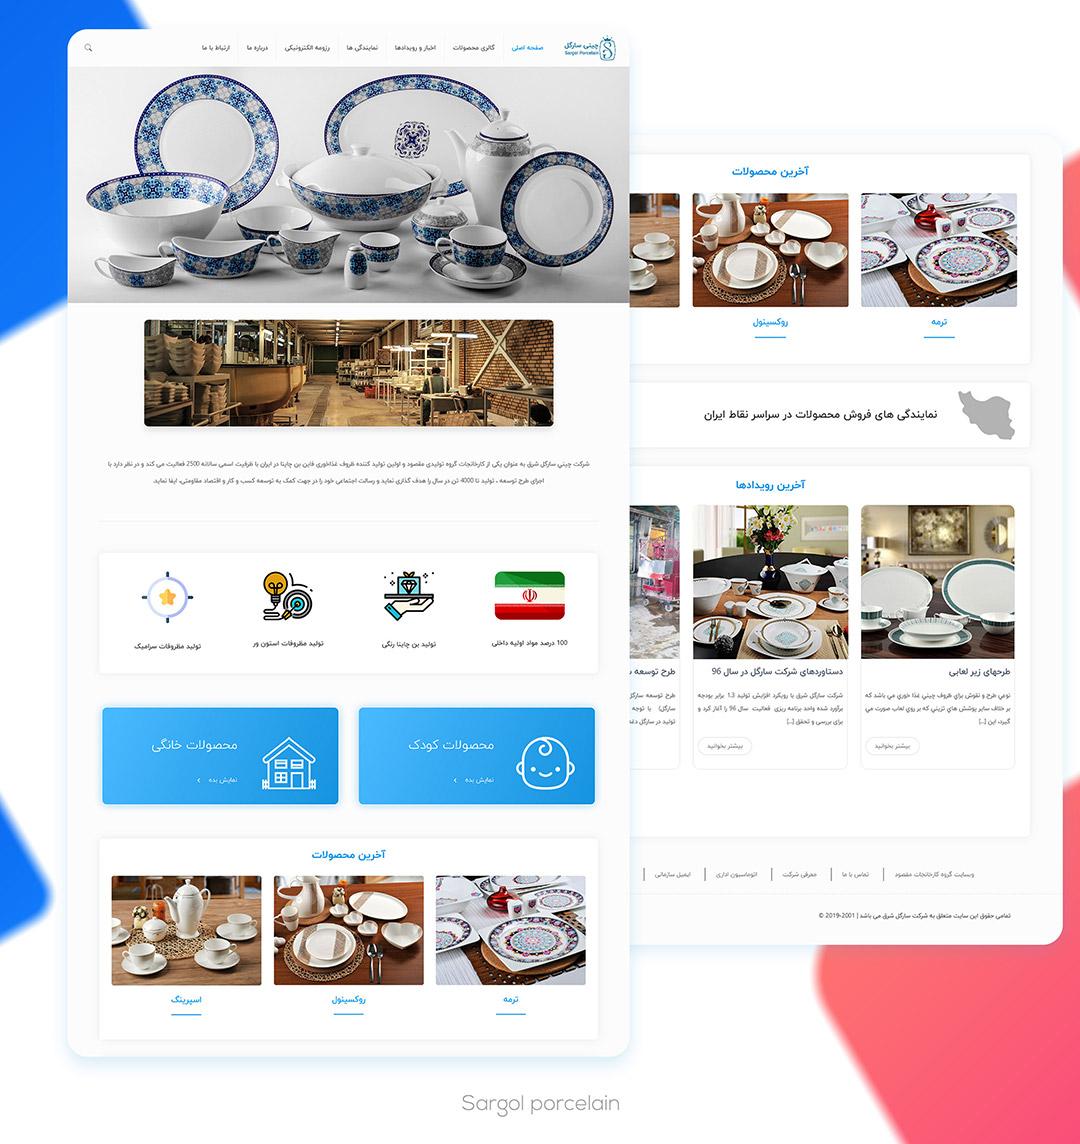 طراحی سایت شرکت سارگل شرق